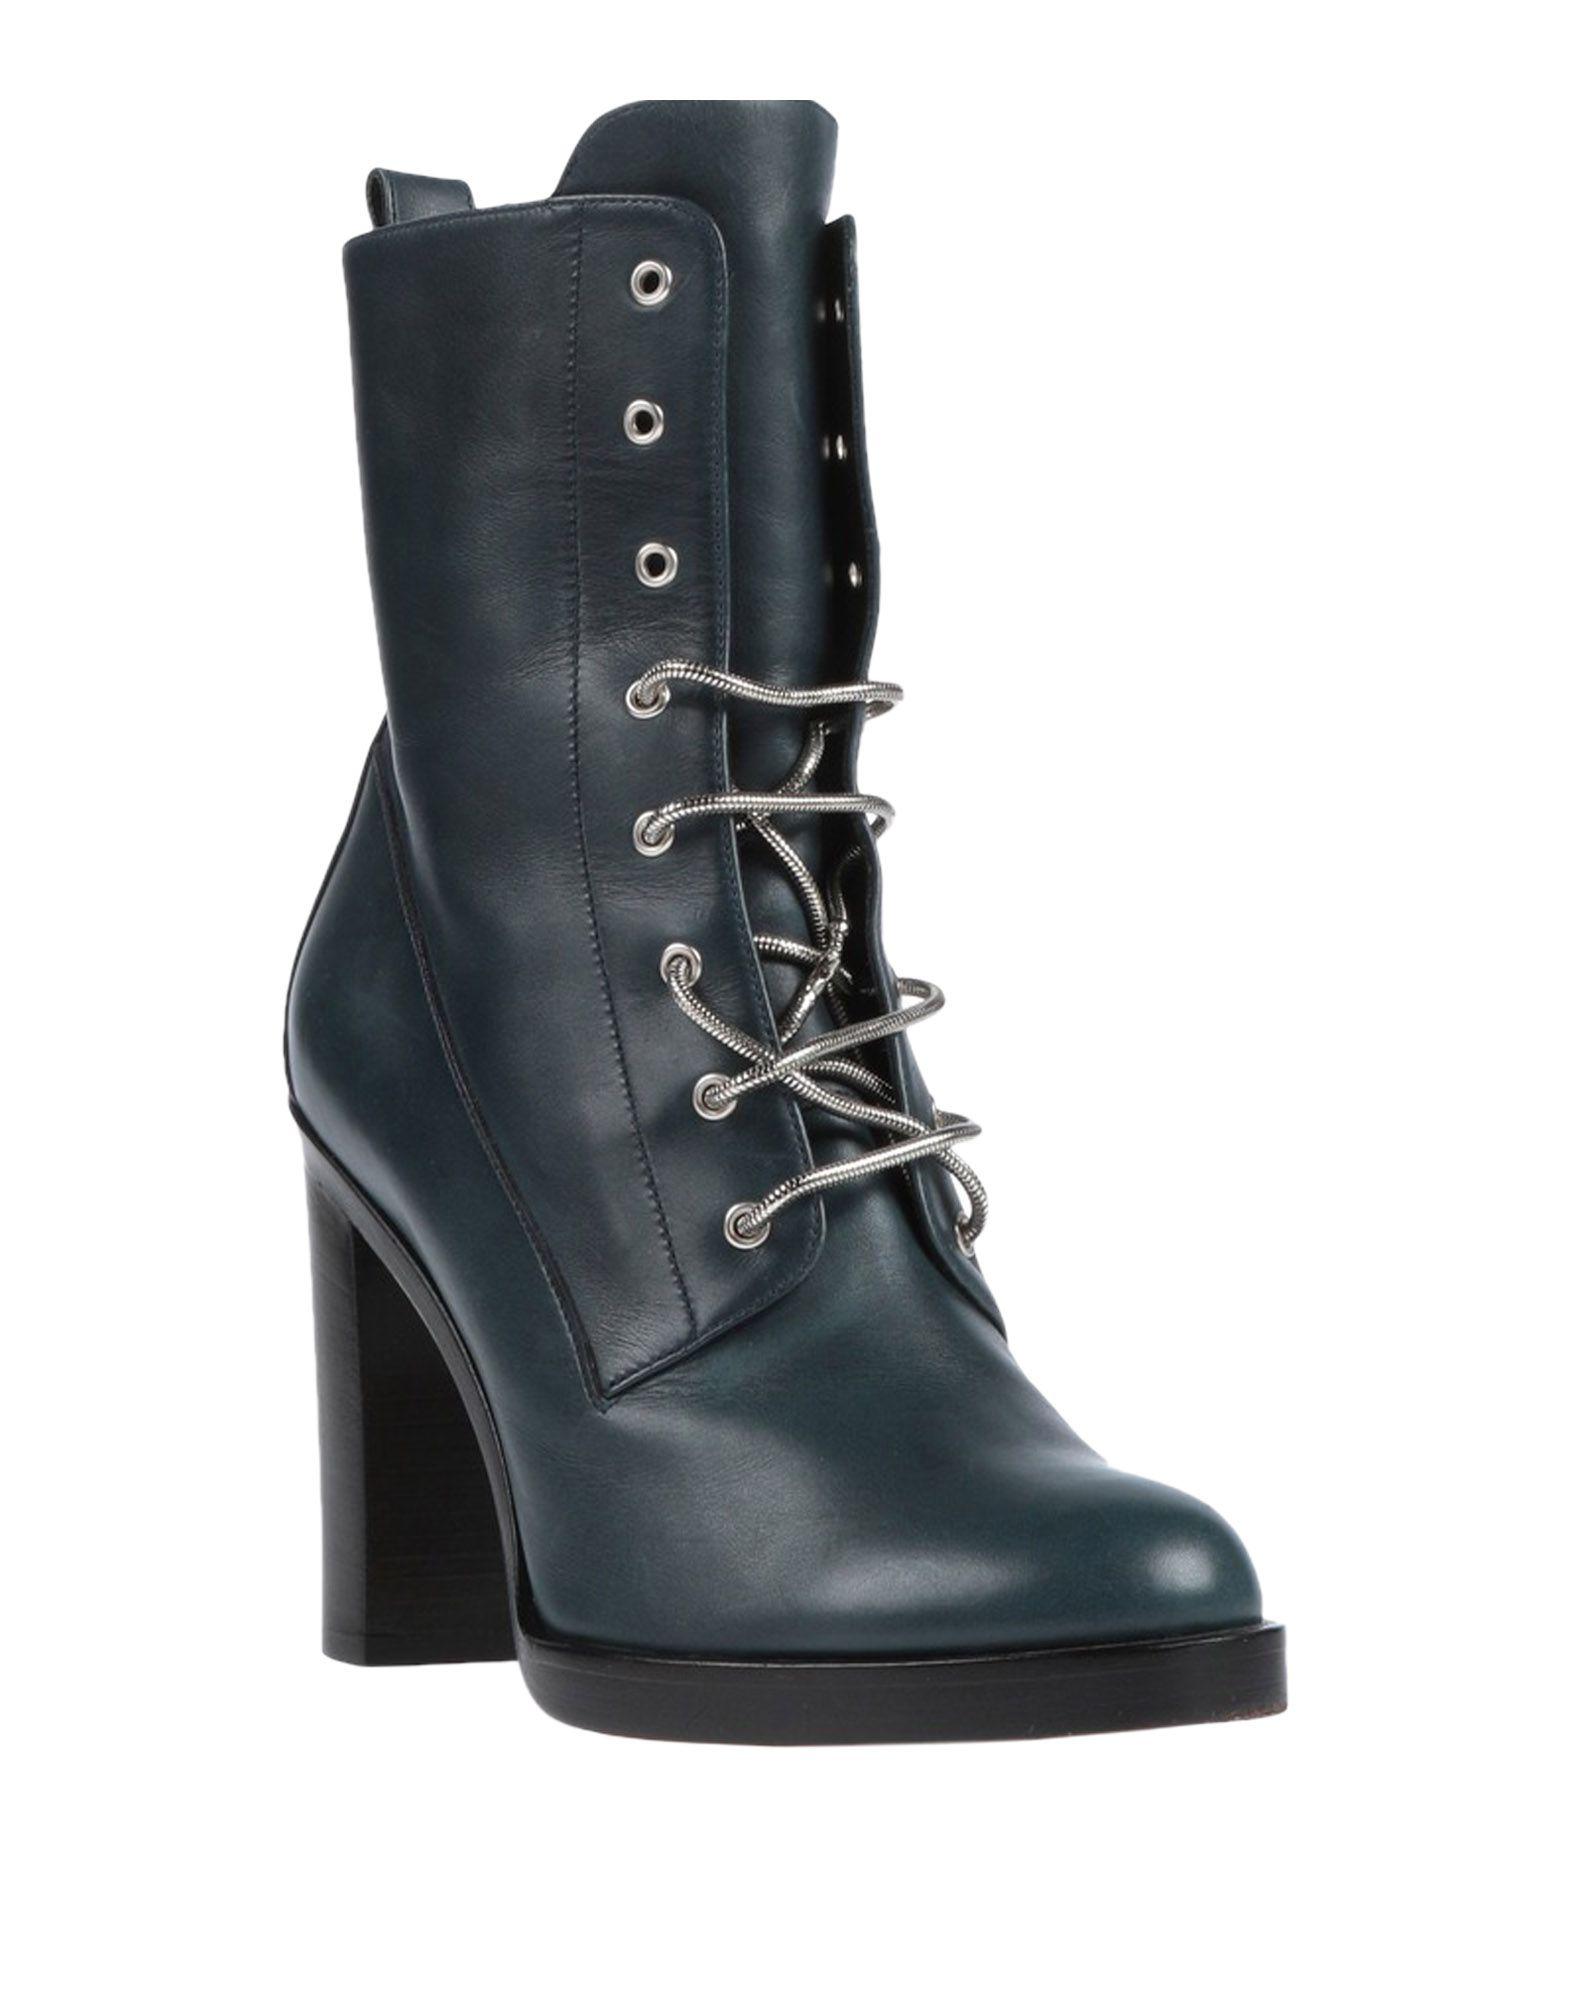 Deimille Stiefelette Damen Heiße  11539290WW Heiße Damen Schuhe 269dfd